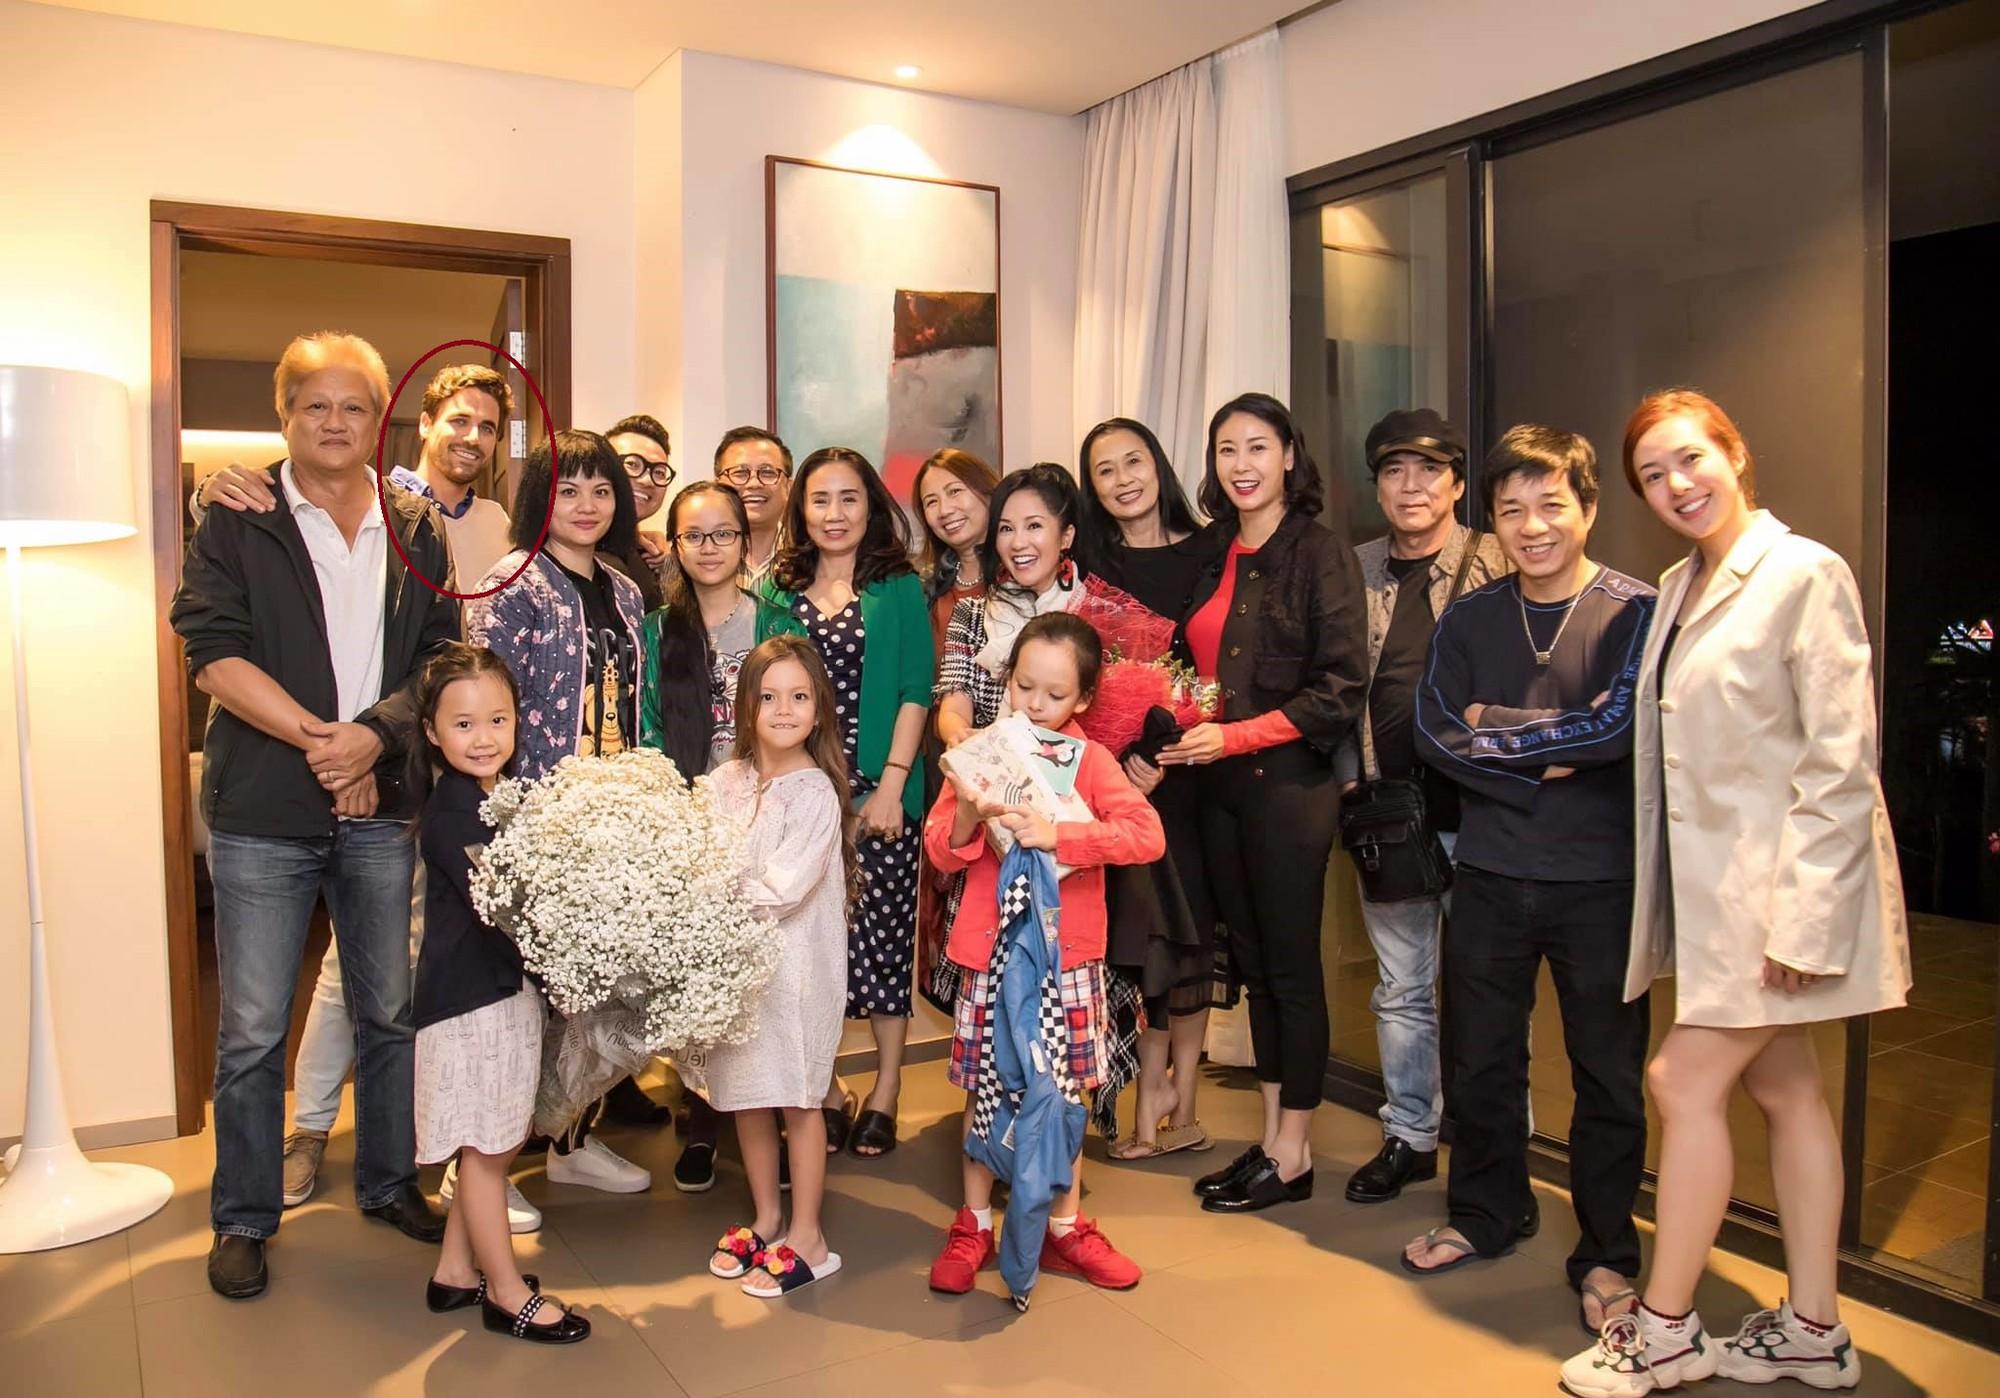 Trong tiệc sinh nhật riêng tư của Hồng Nhung tiếp tục xuất hiện nhân vật đặc biệt này, một lần nữa rộ nghi án diva 49 tuổi có tình mới - Ảnh 3.